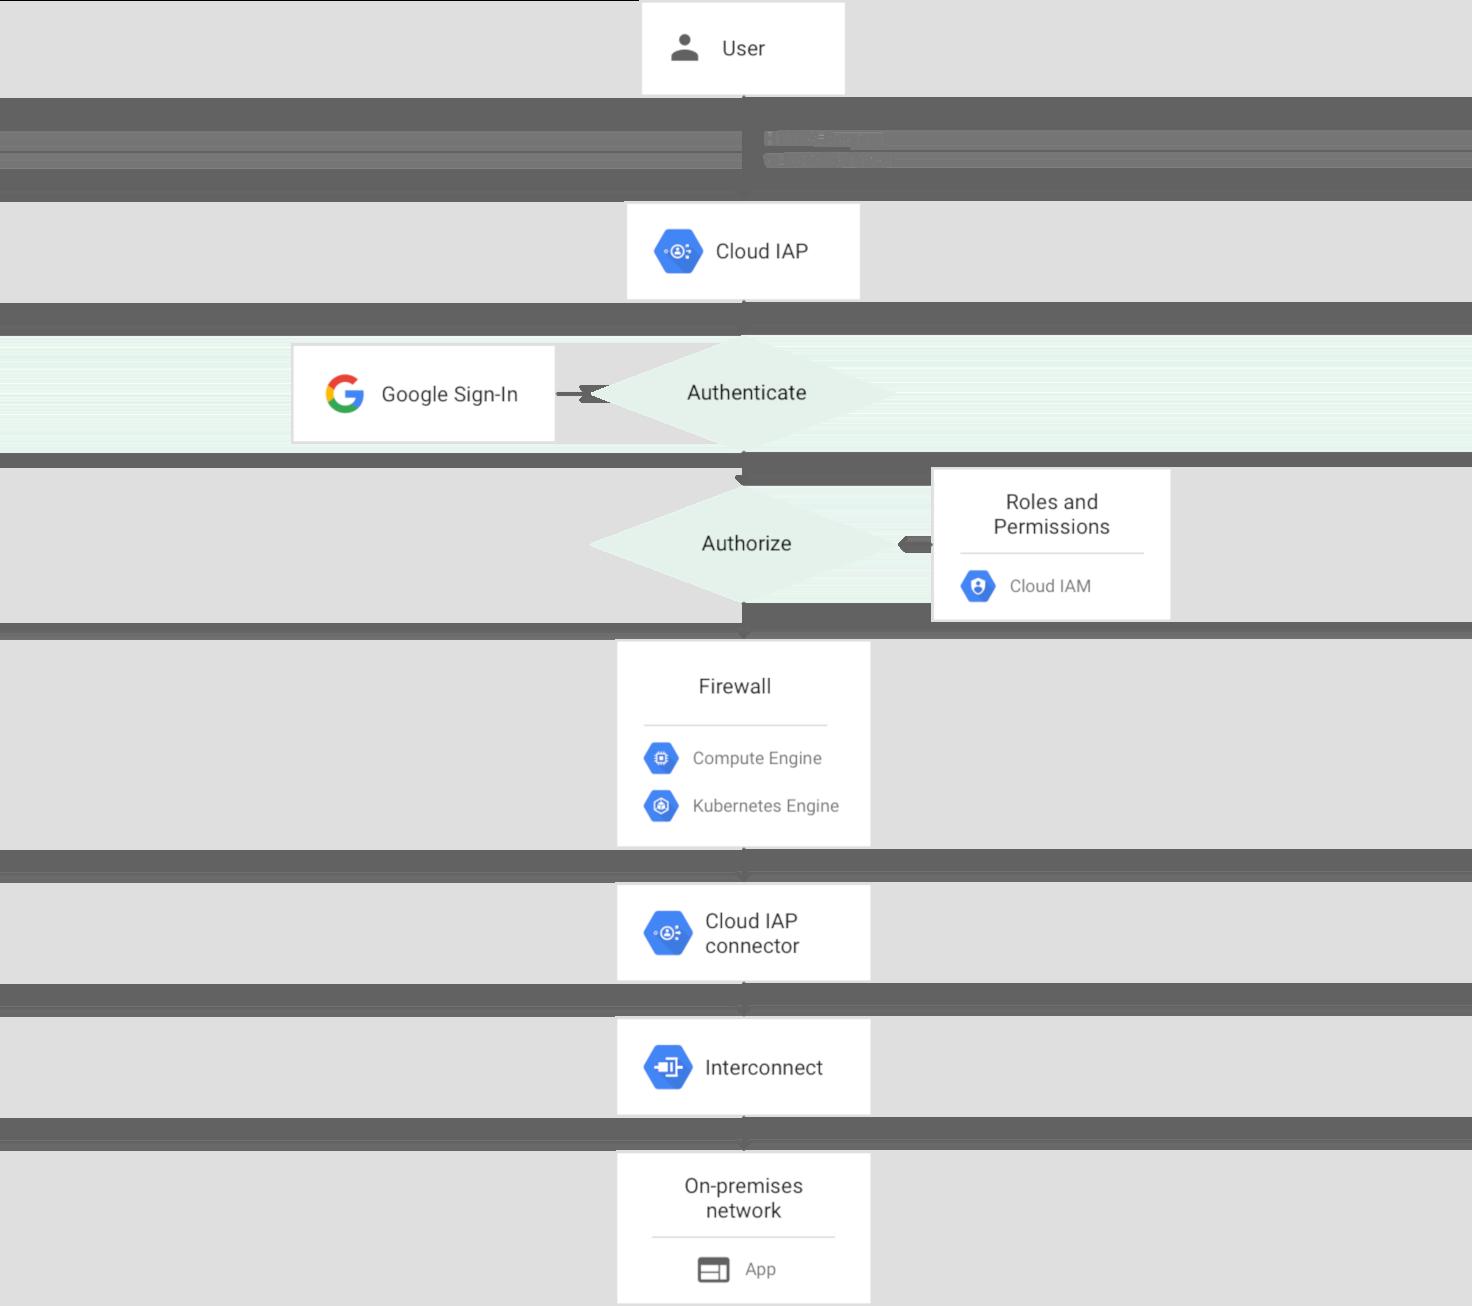 Diagramm des Anfragepfads zu einer lokalen Anwendung bei Verwendung von Cloud IAP